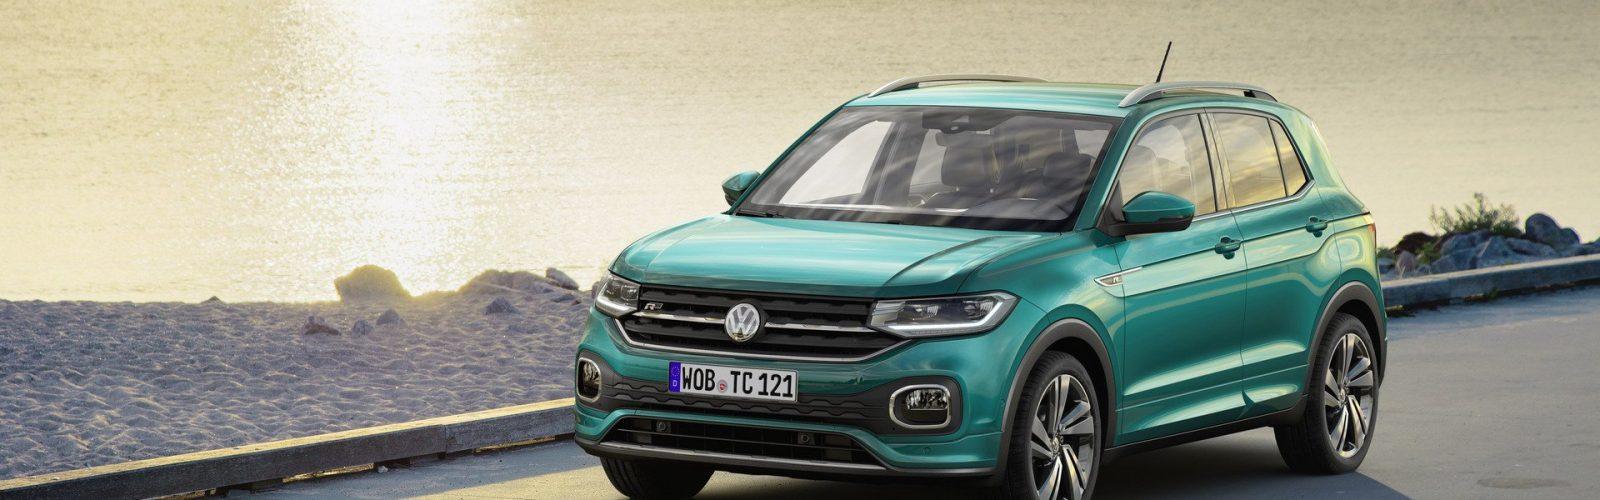 Volkswagen T-Cross SUV 2019